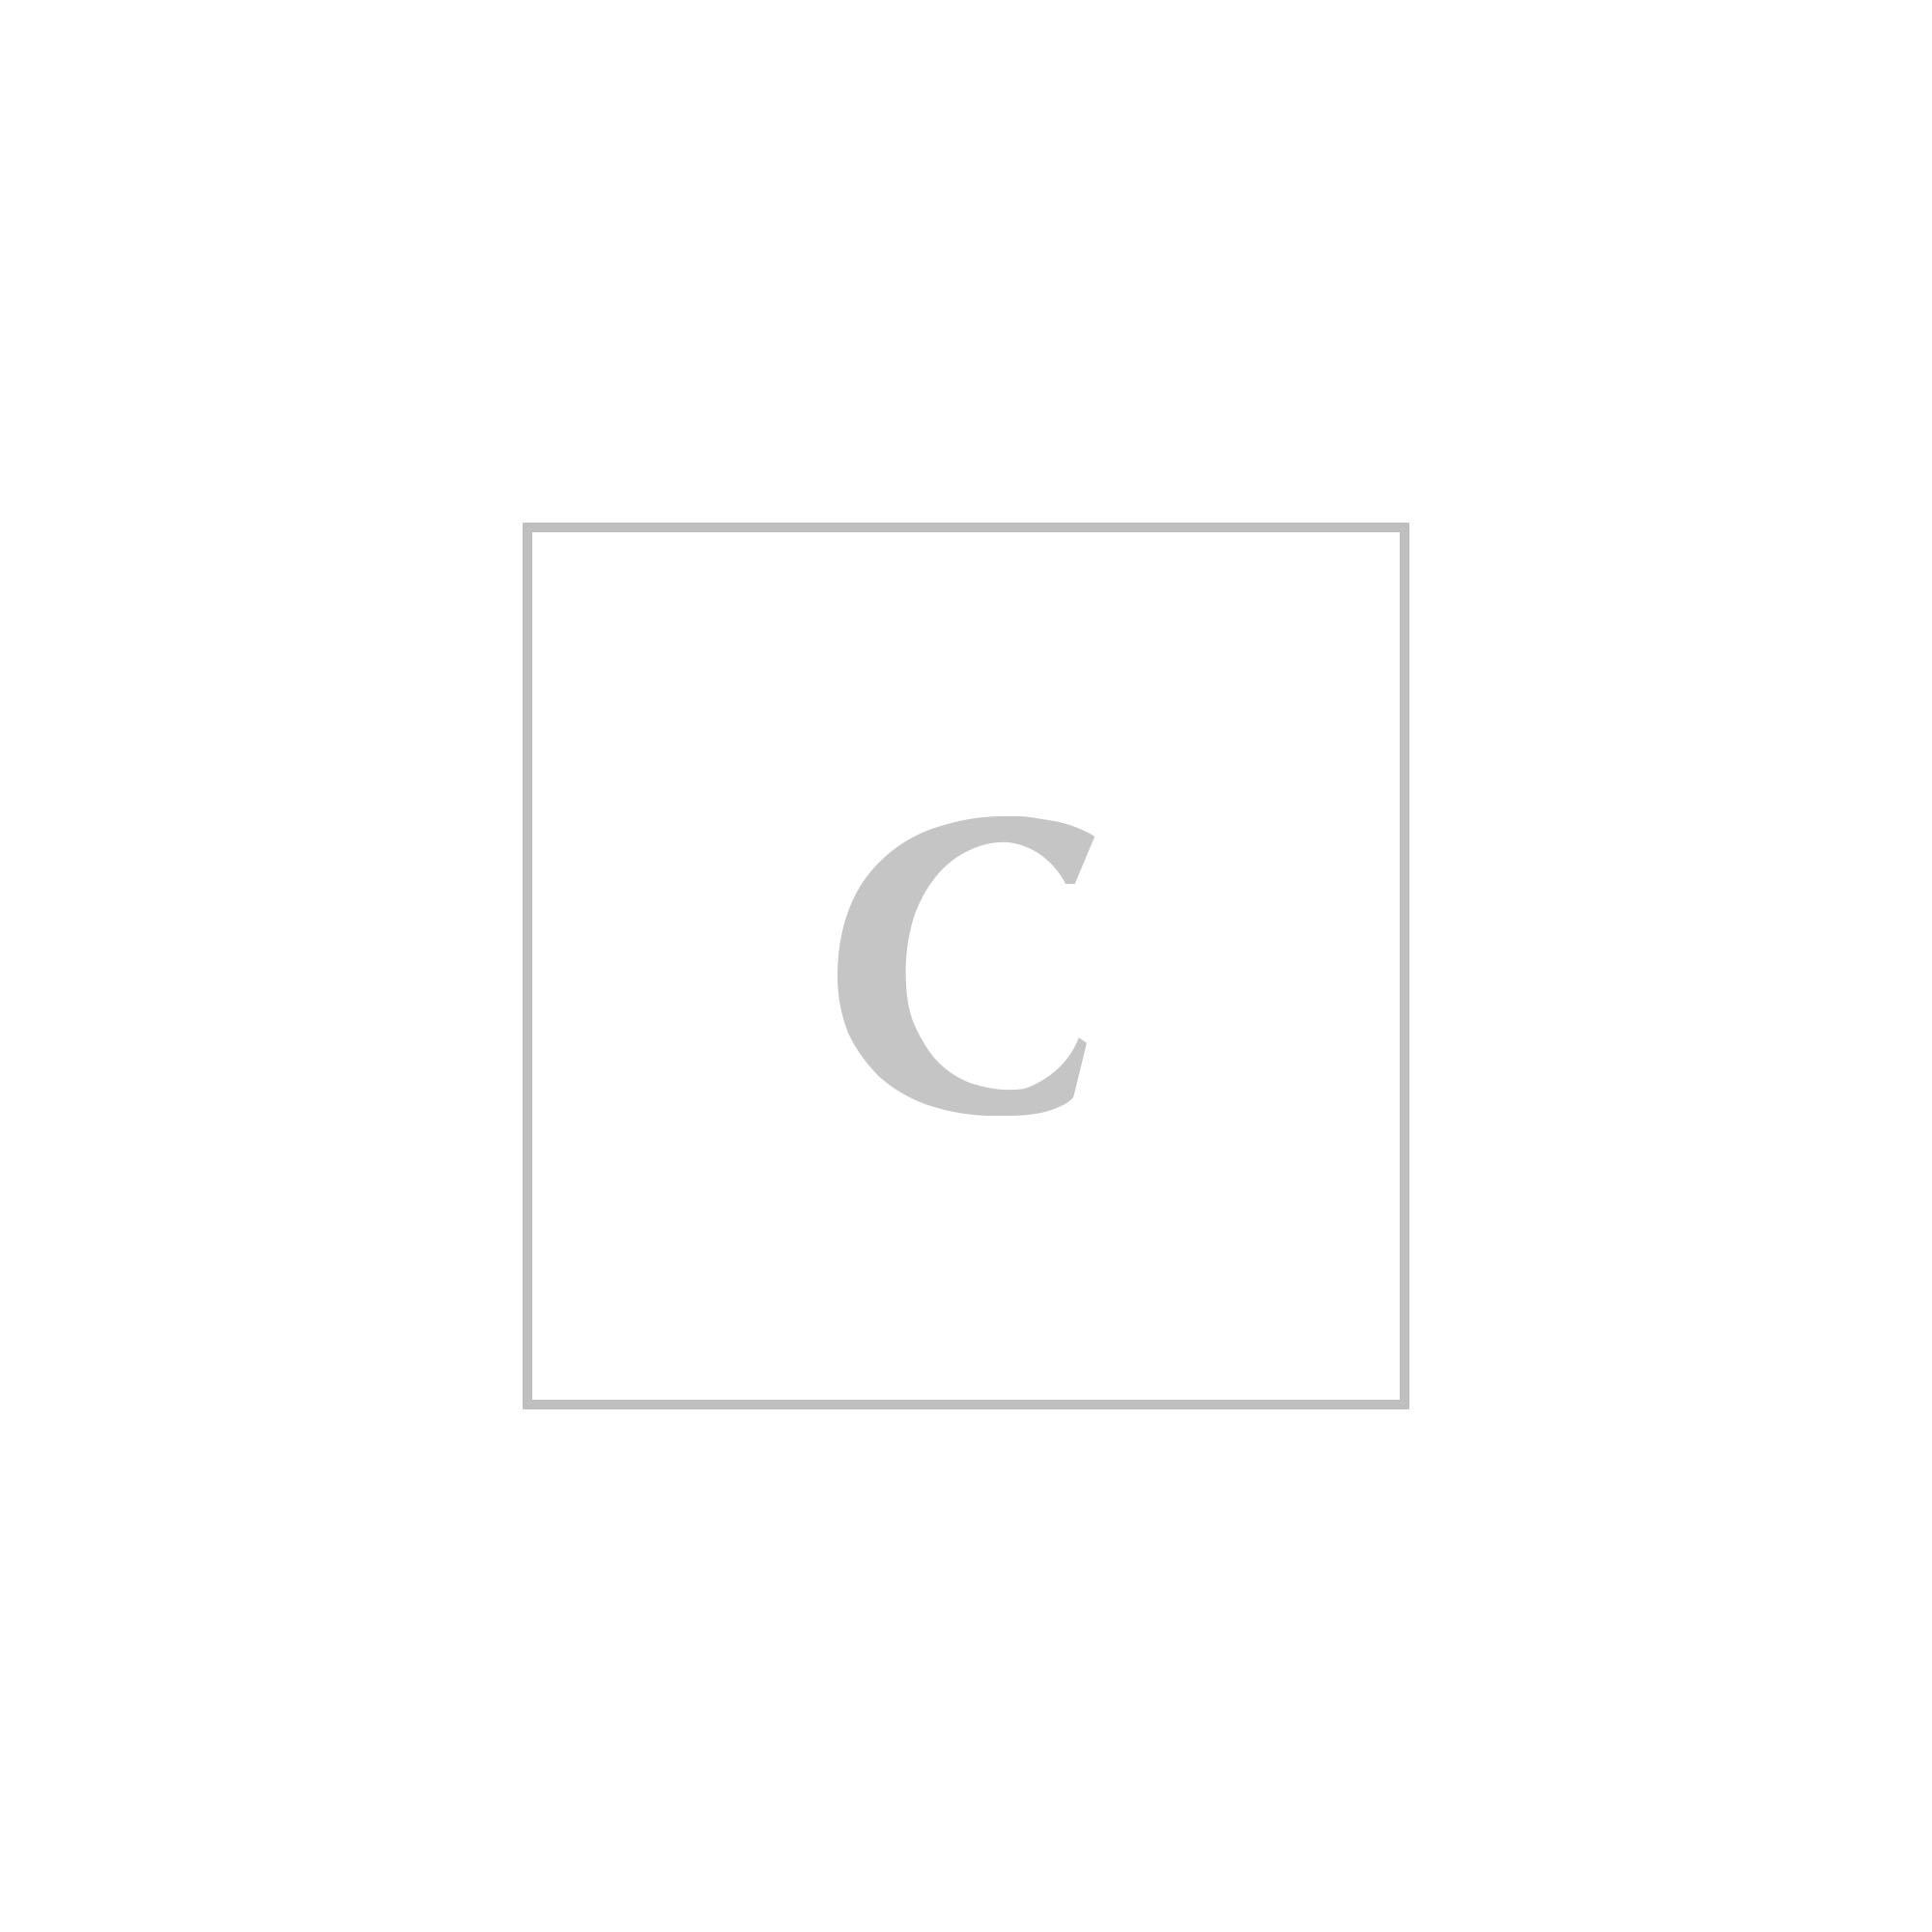 Gcds logo bermuda shorts